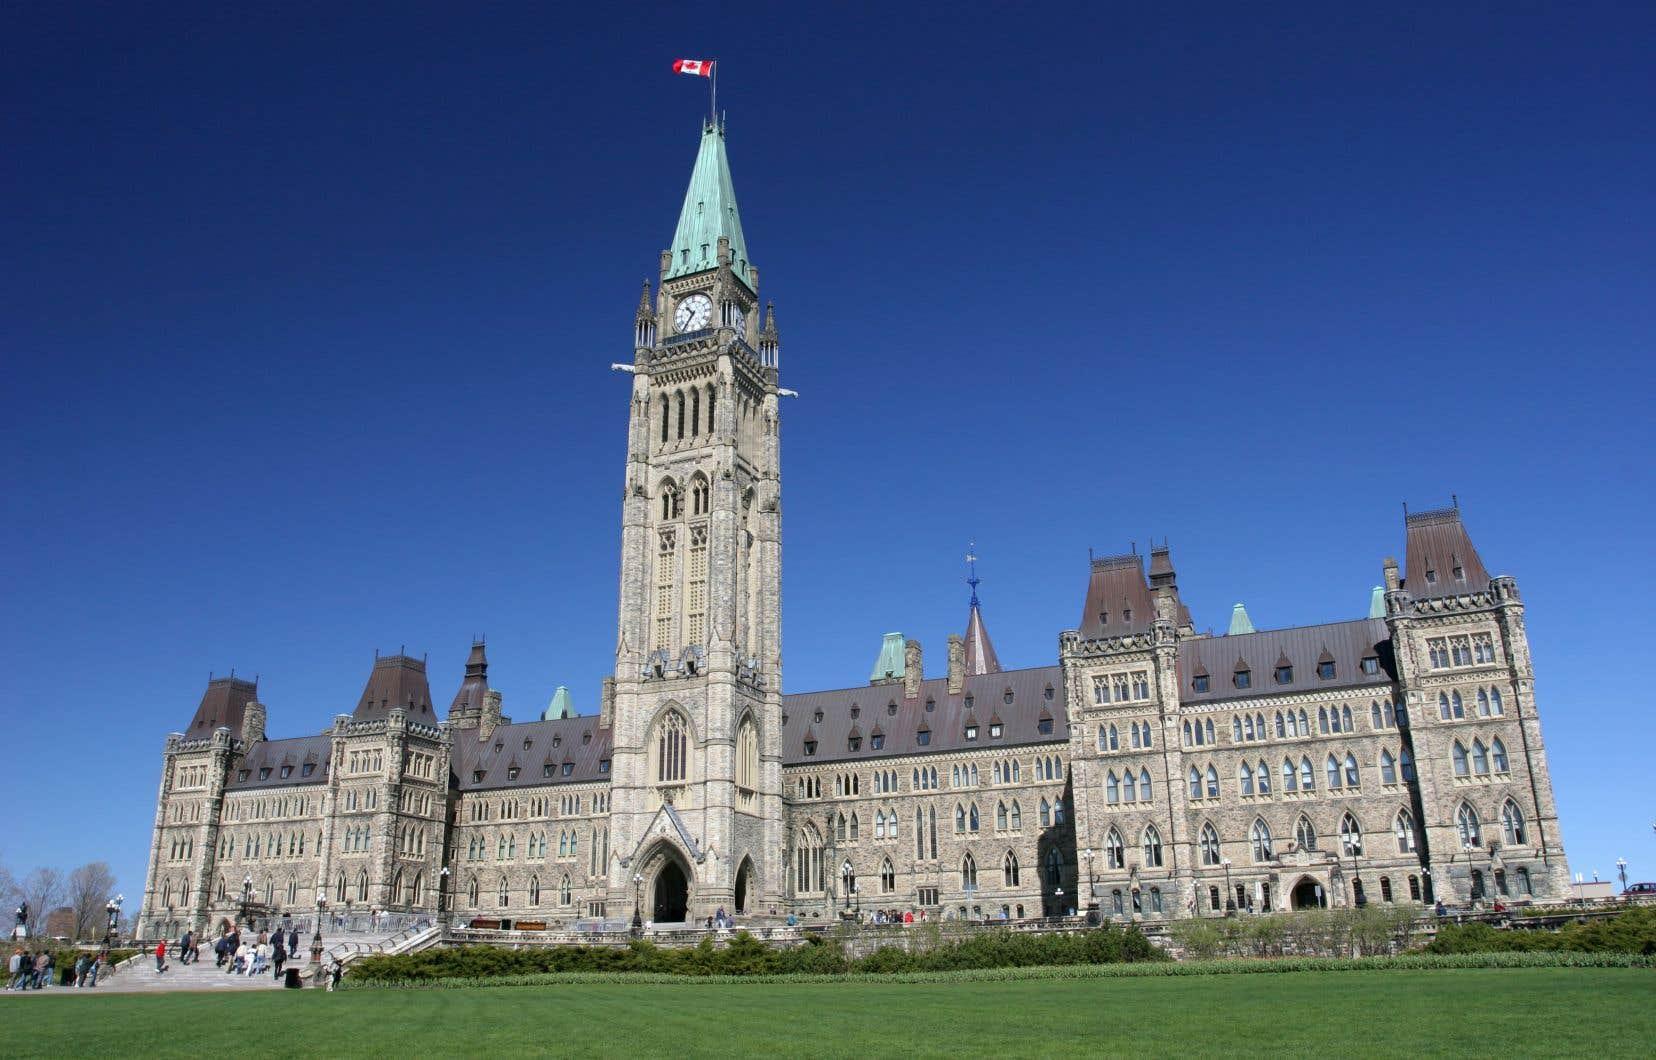 Le Parlement doit reprendre ses activités régulières mercredi prochain et les partis représentés à la Chambre des communes négocient encore la forme de ce retour.